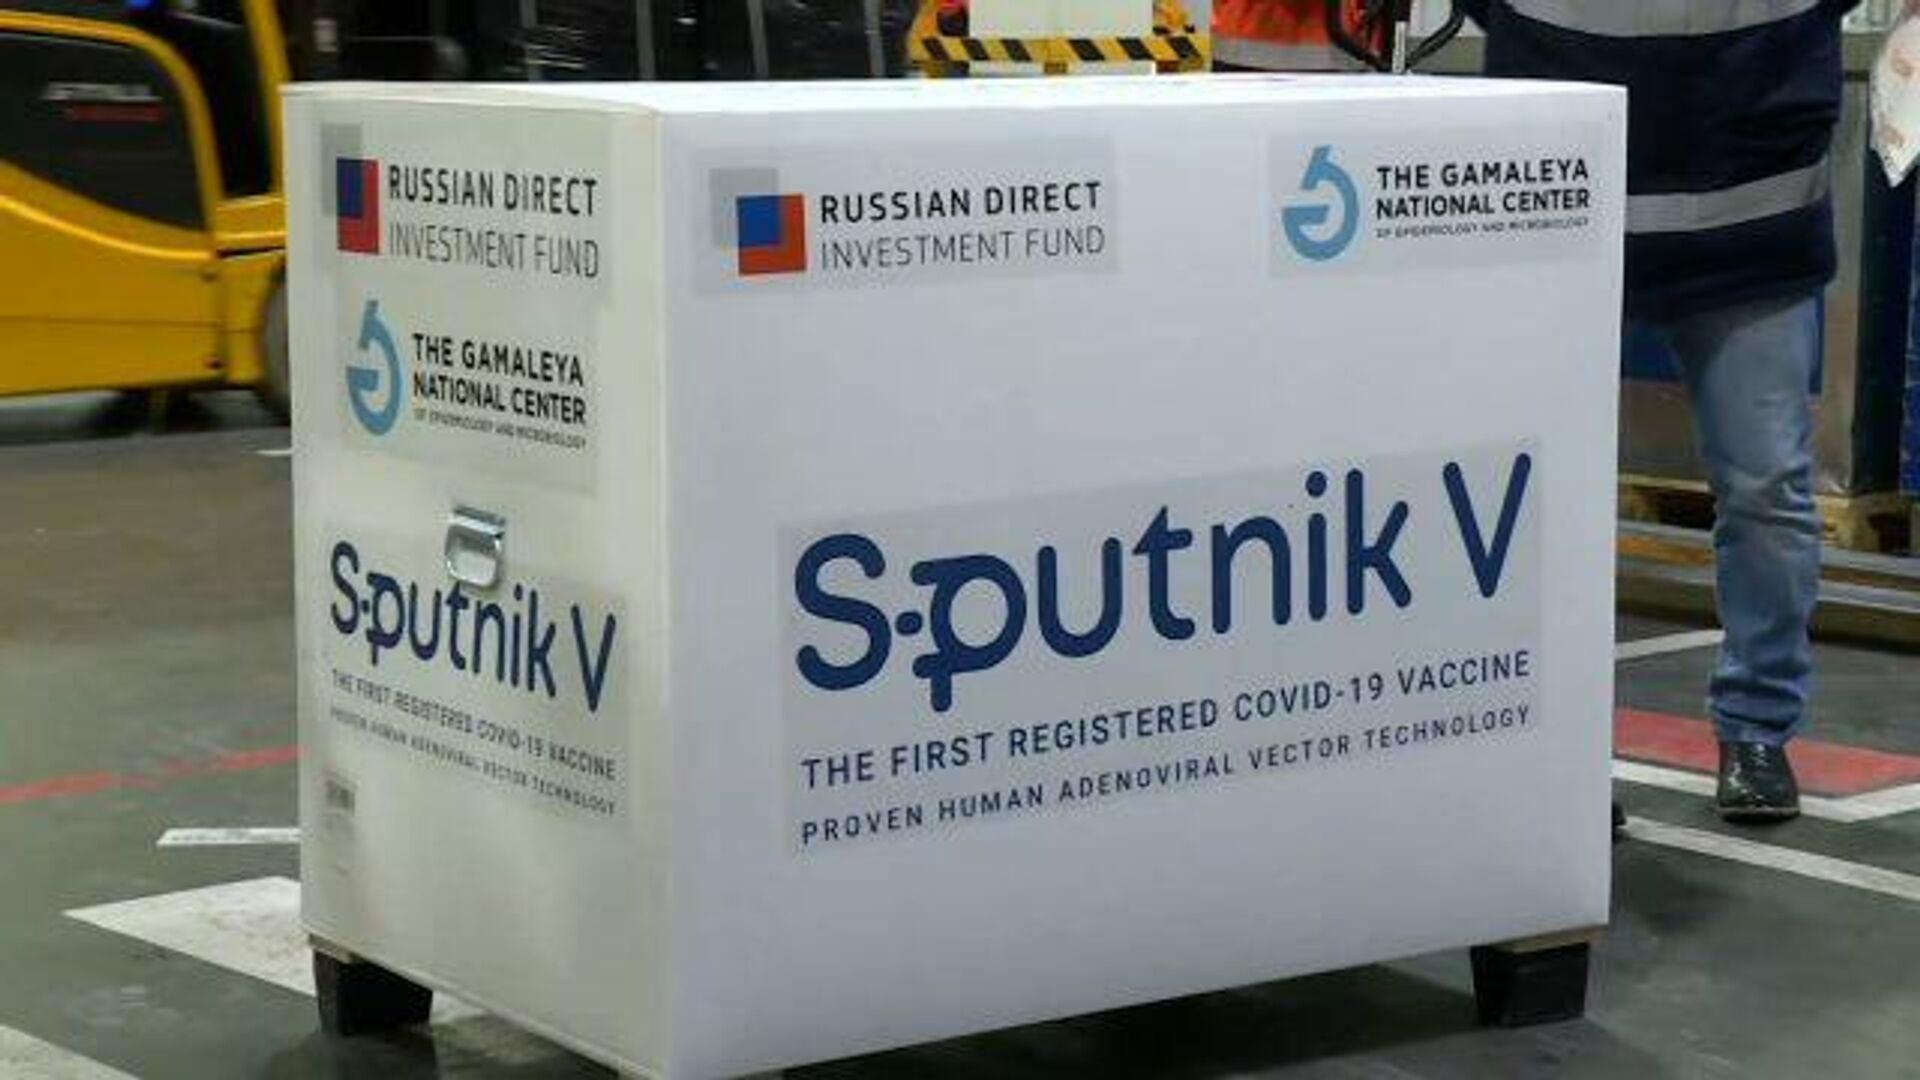 Российская вакцина – Аргентине: еще 300 тысяч доз Спутника V летит в Буэнос-Айрес - РИА Новости, 1920, 16.01.2021